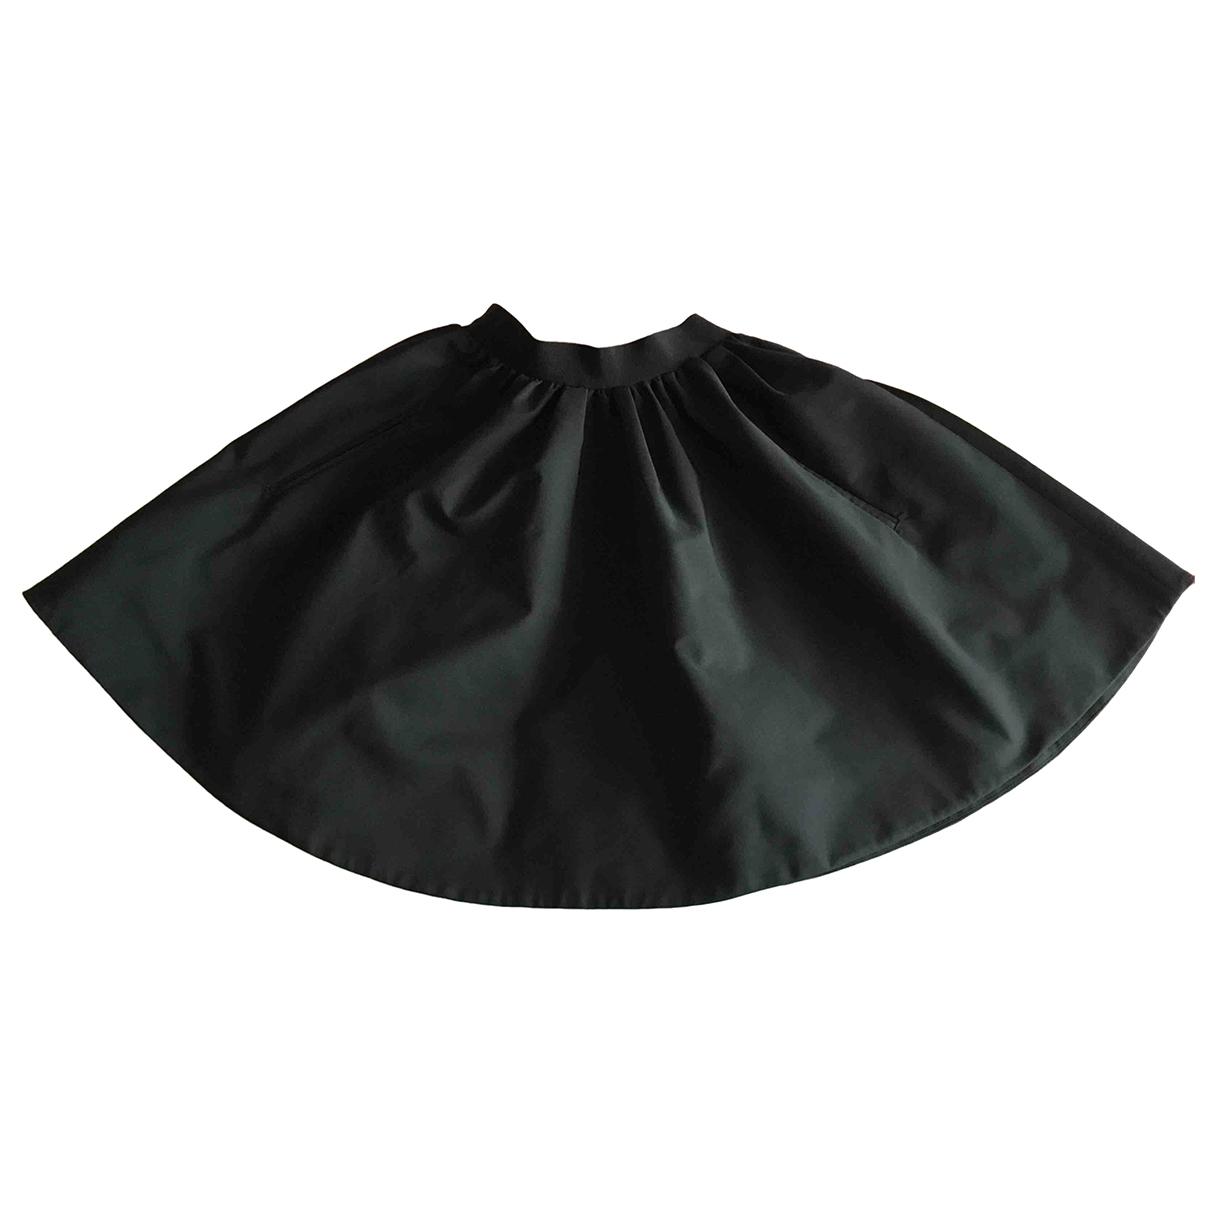 Acne Studios \N Black skirt for Women 36 FR